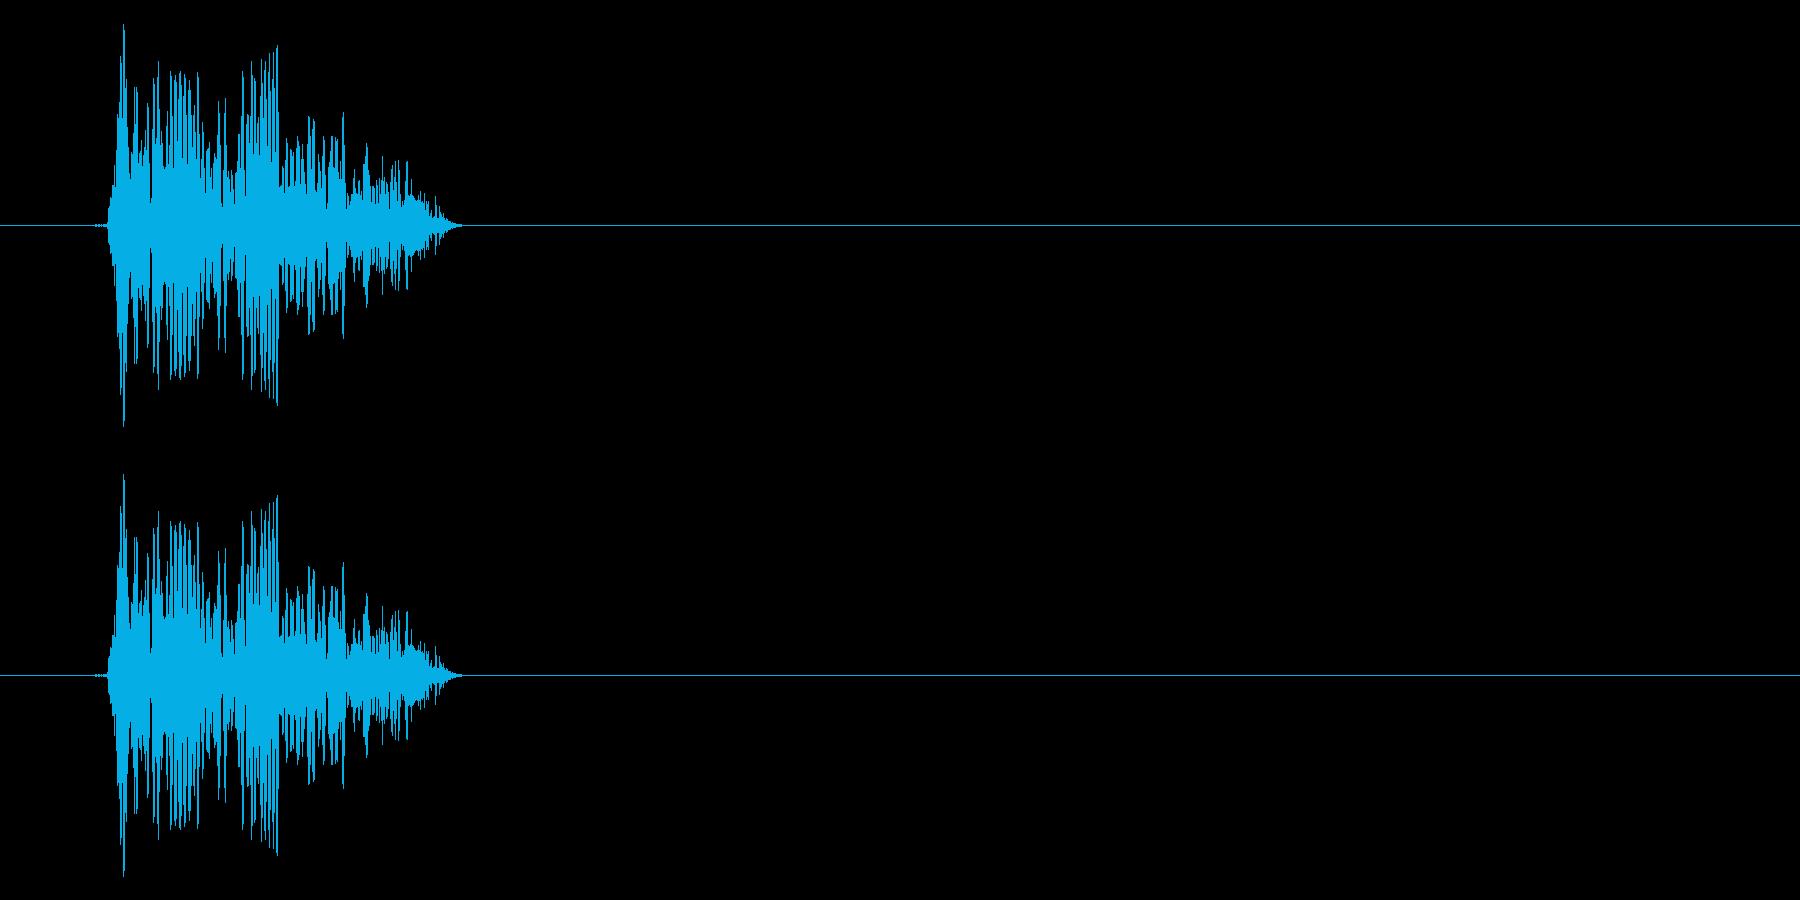 GEN-格闘01-12(倒れる)の再生済みの波形